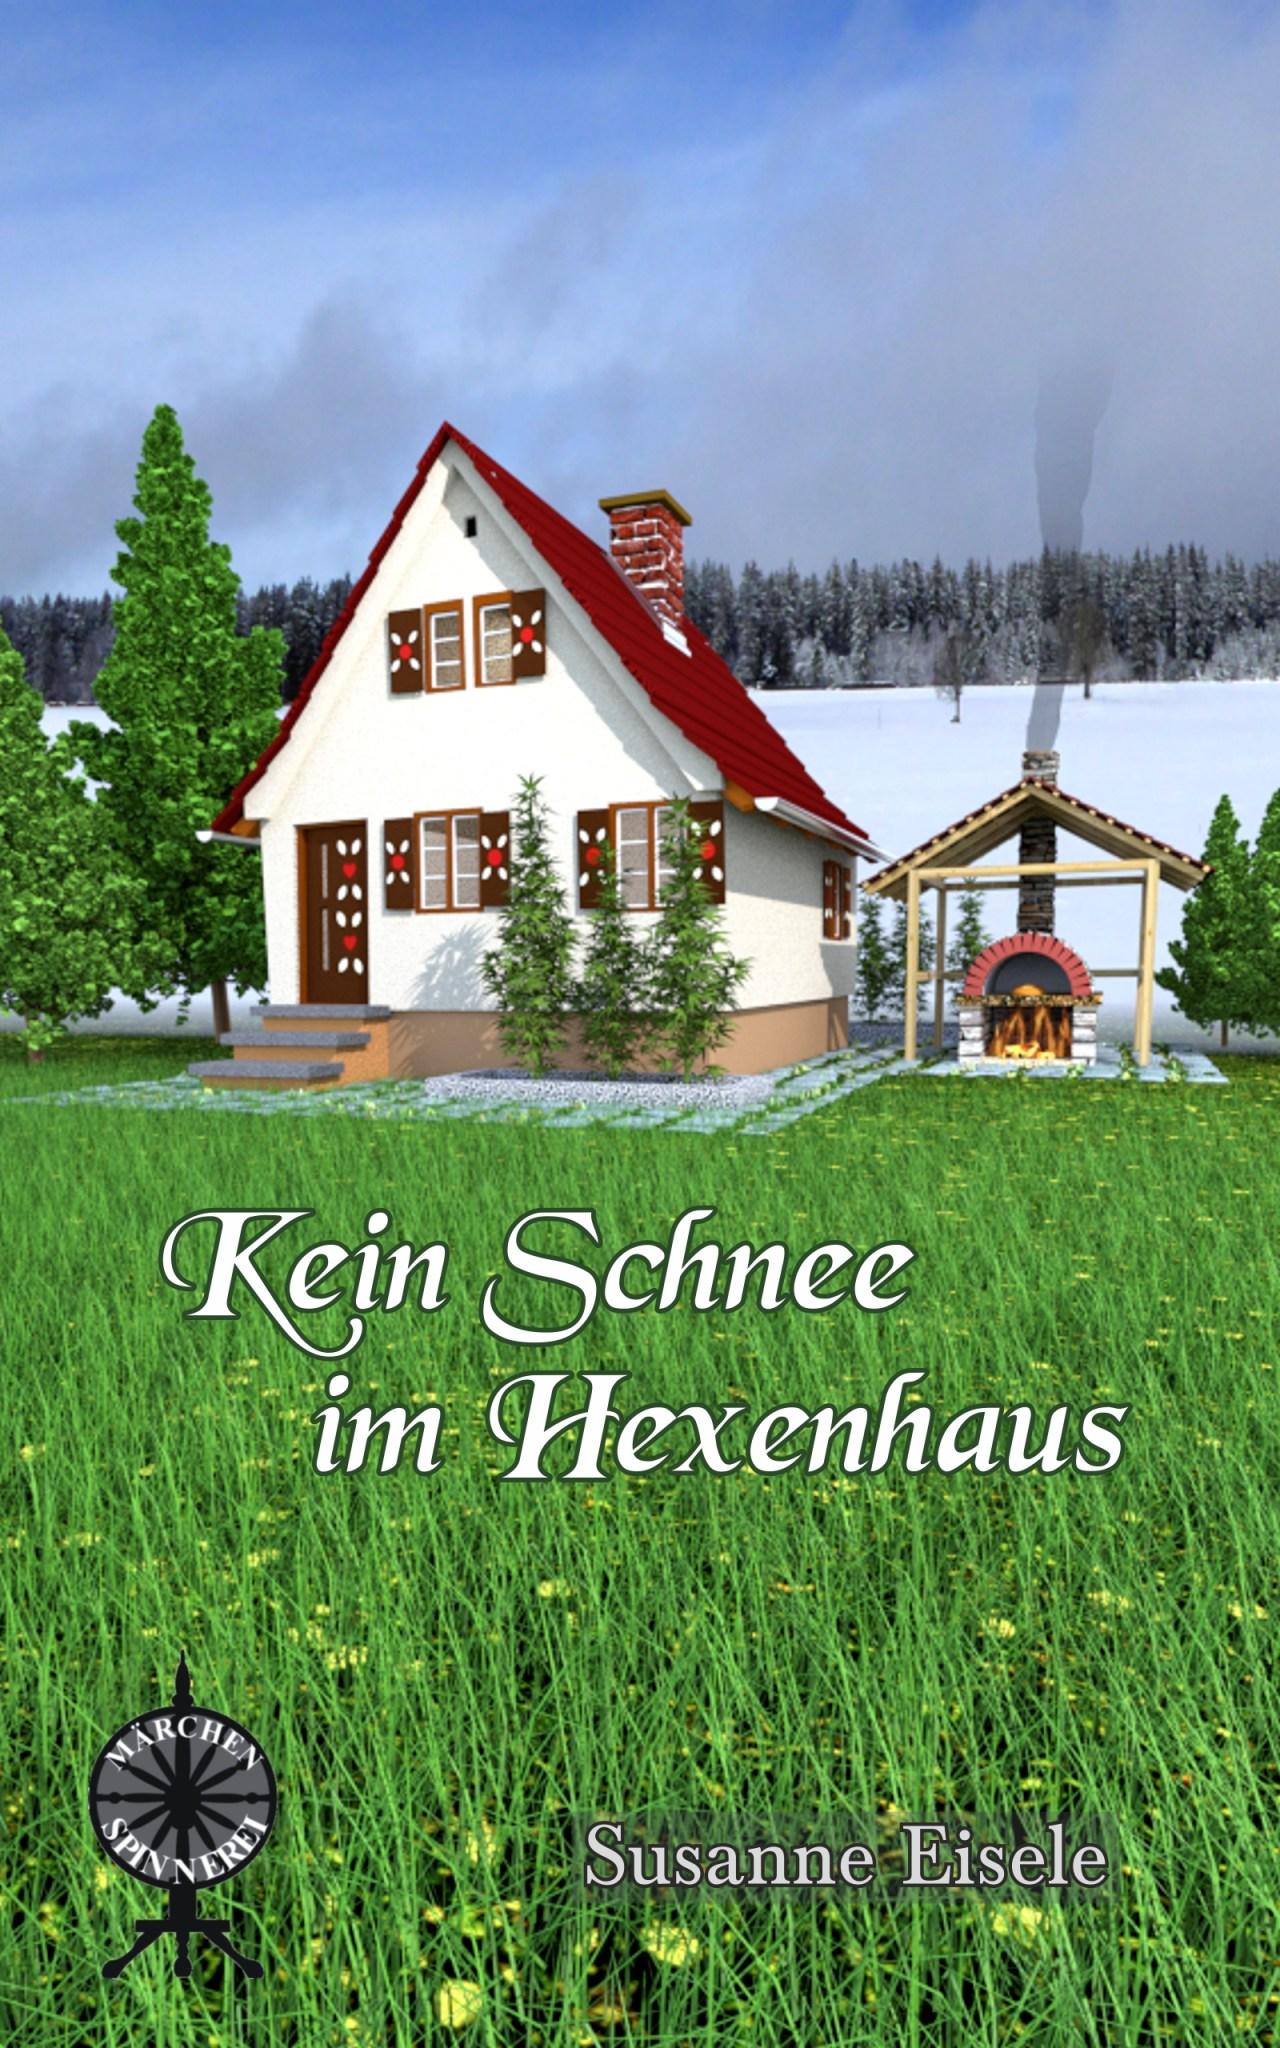 Kein Schnee im Hexenhaus - Susanne Eisele